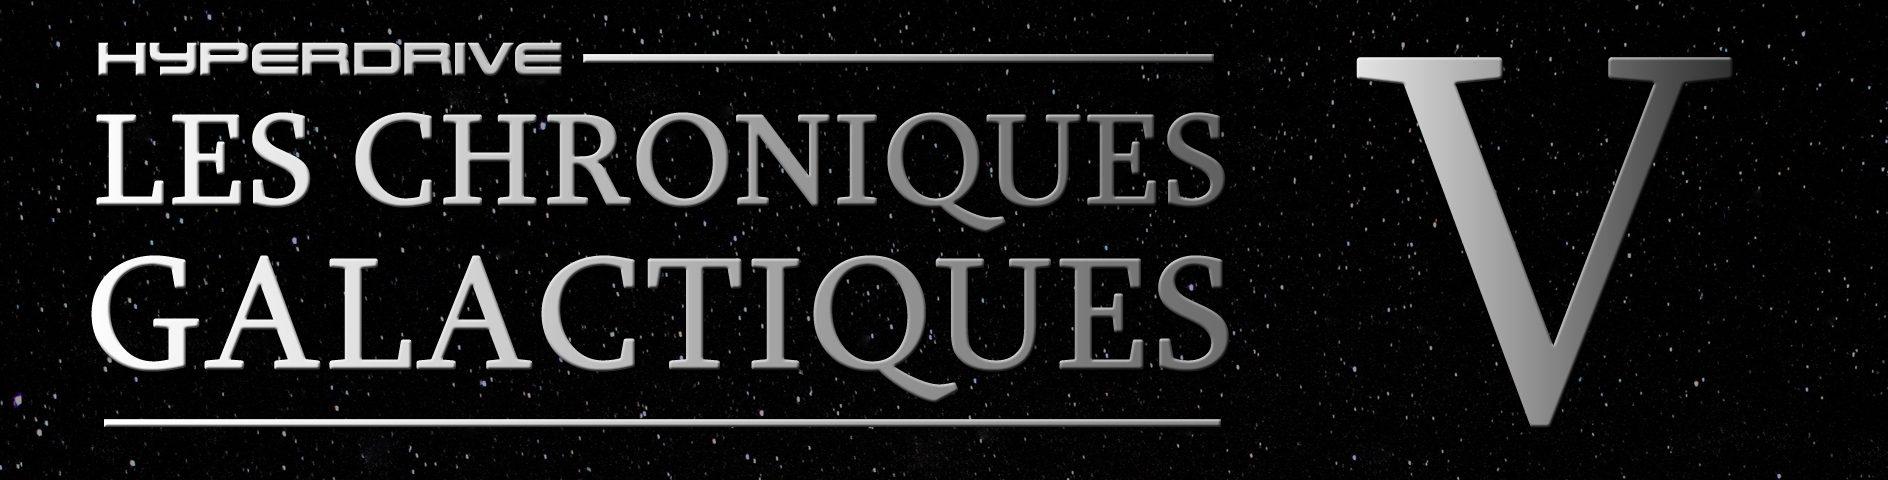 Chroniques galactiques 5 fiction audio star wars